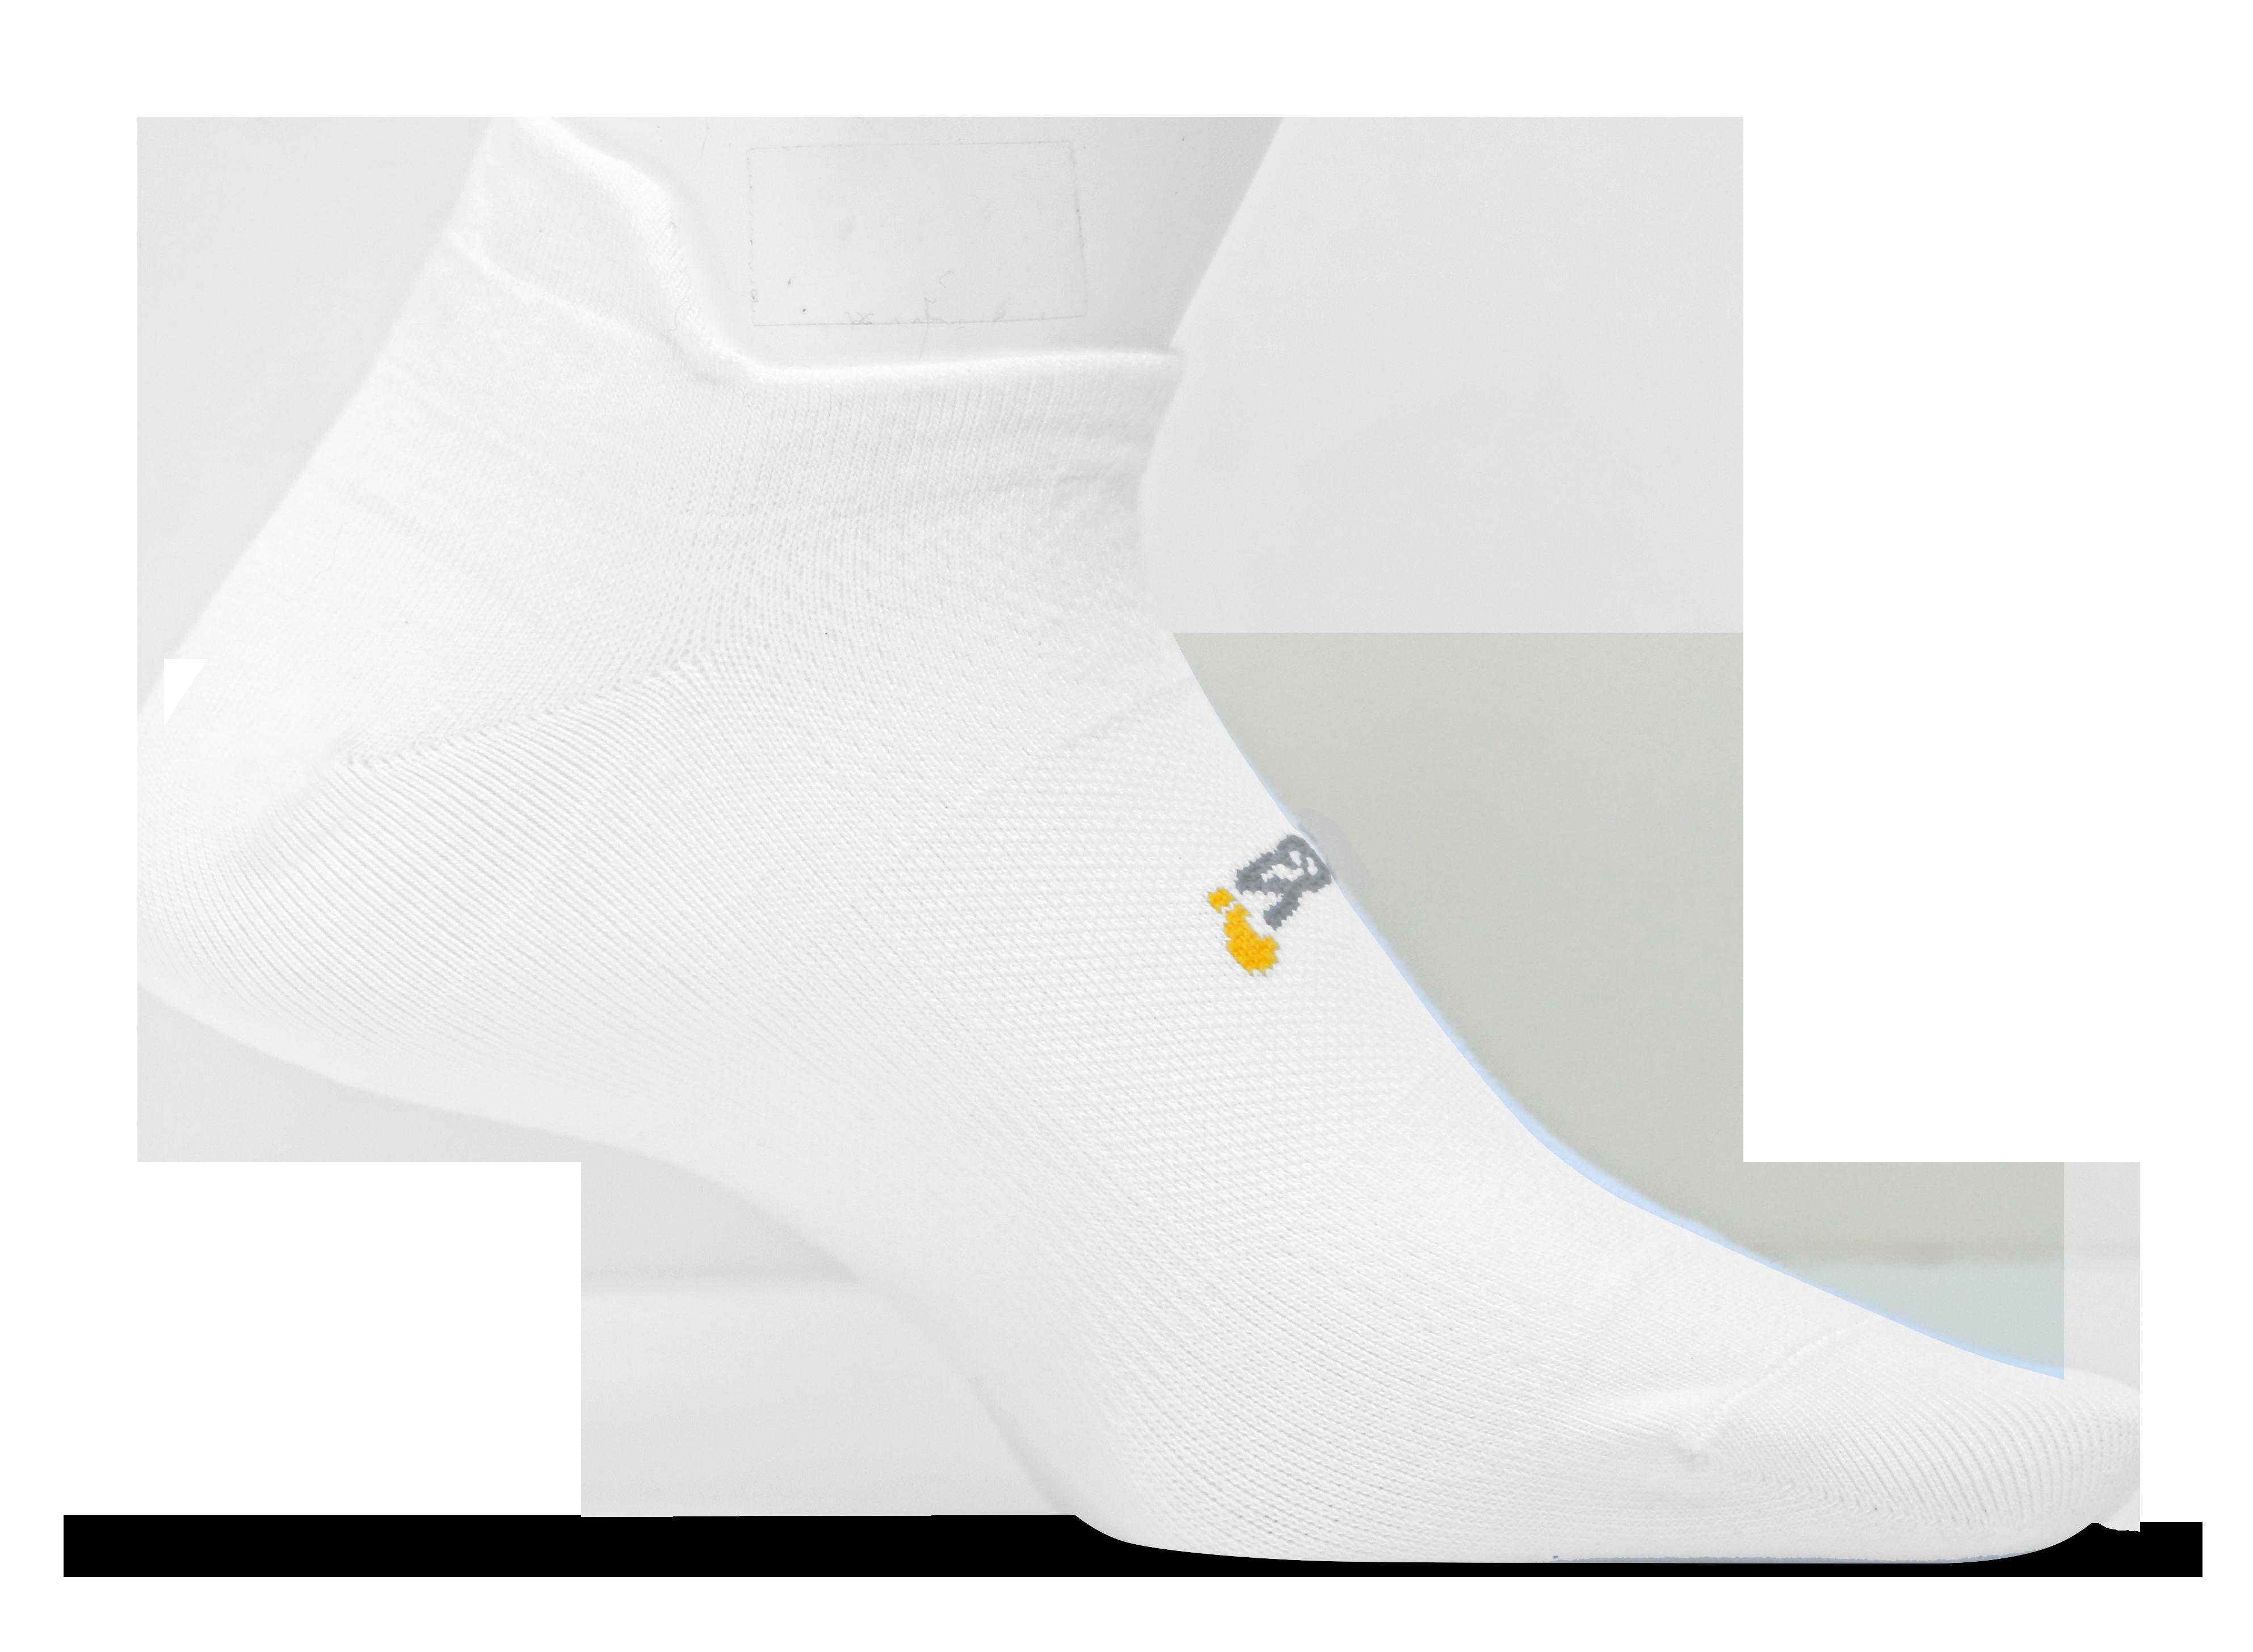 Hp Ul Tab White Socks PNG Image